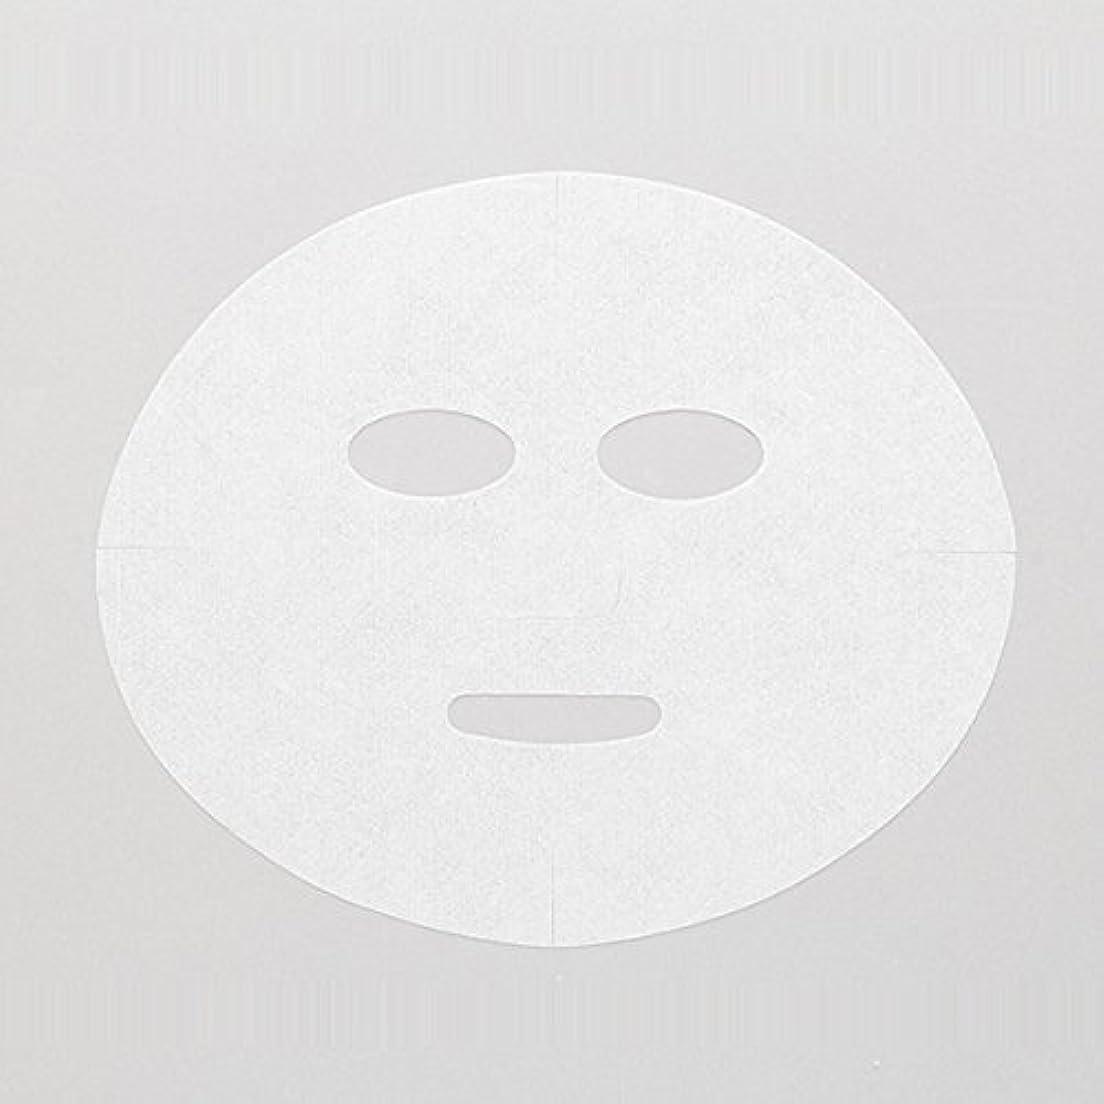 スクワイアカートリッジママ高保水 フェイシャルシート (マスクタイプ 化粧水無) 80枚 24×20cm [ フェイスマスク フェイスシート フェイスパック フェイシャルマスク シートマスク フェイシャルシート フェイシャルパック ローションマスク...